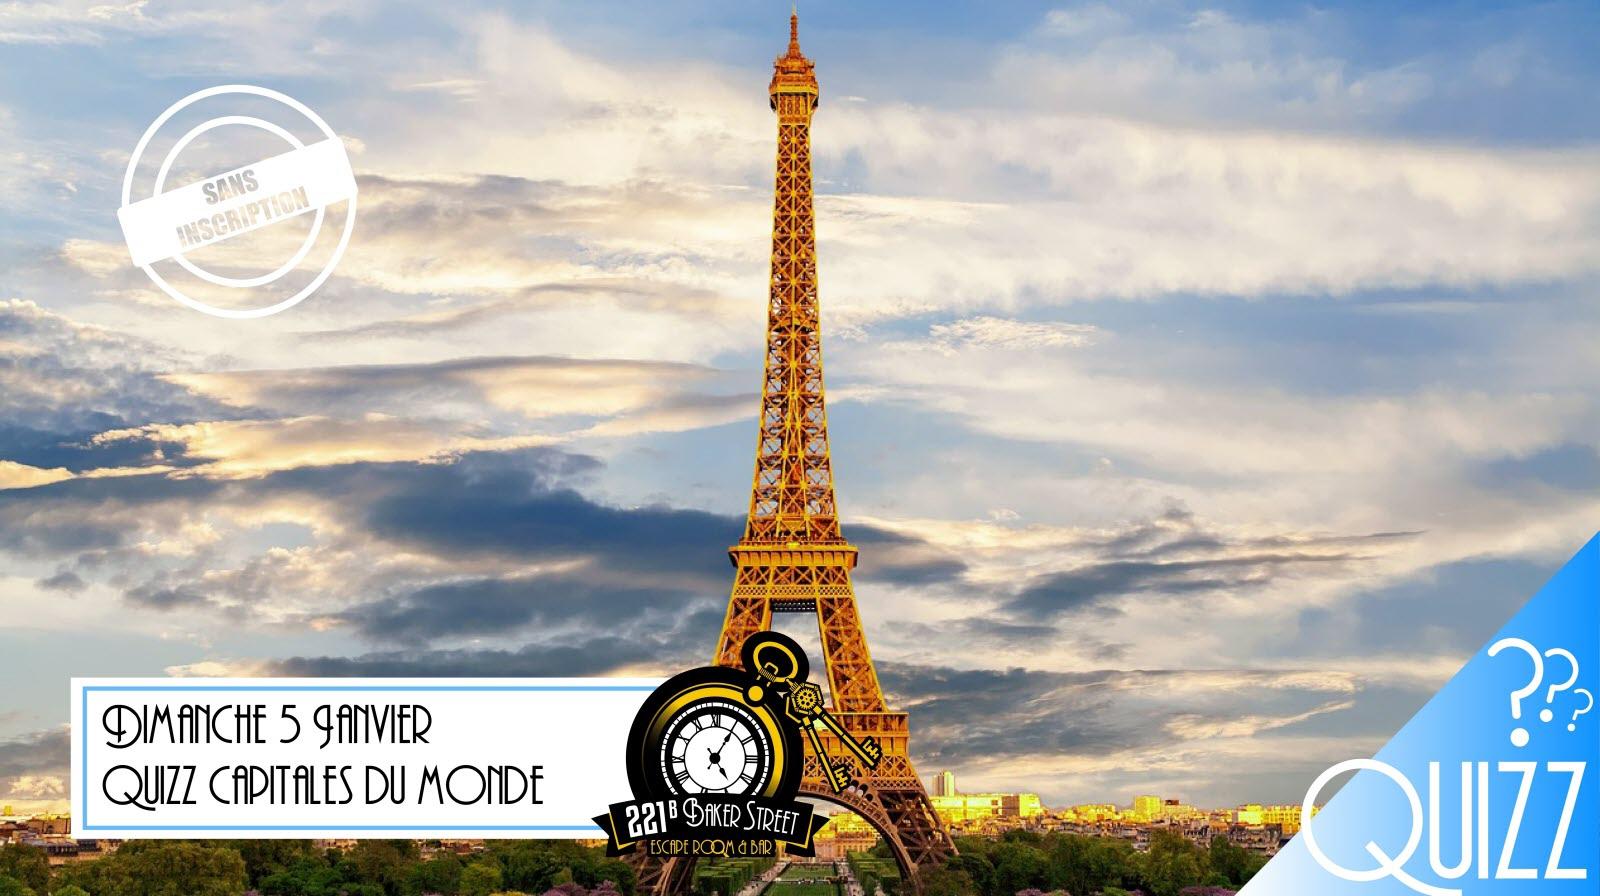 Quizz Capitales Du Monde : Jeu, Concours A Dijon serapportantà Jeu Des Capitales